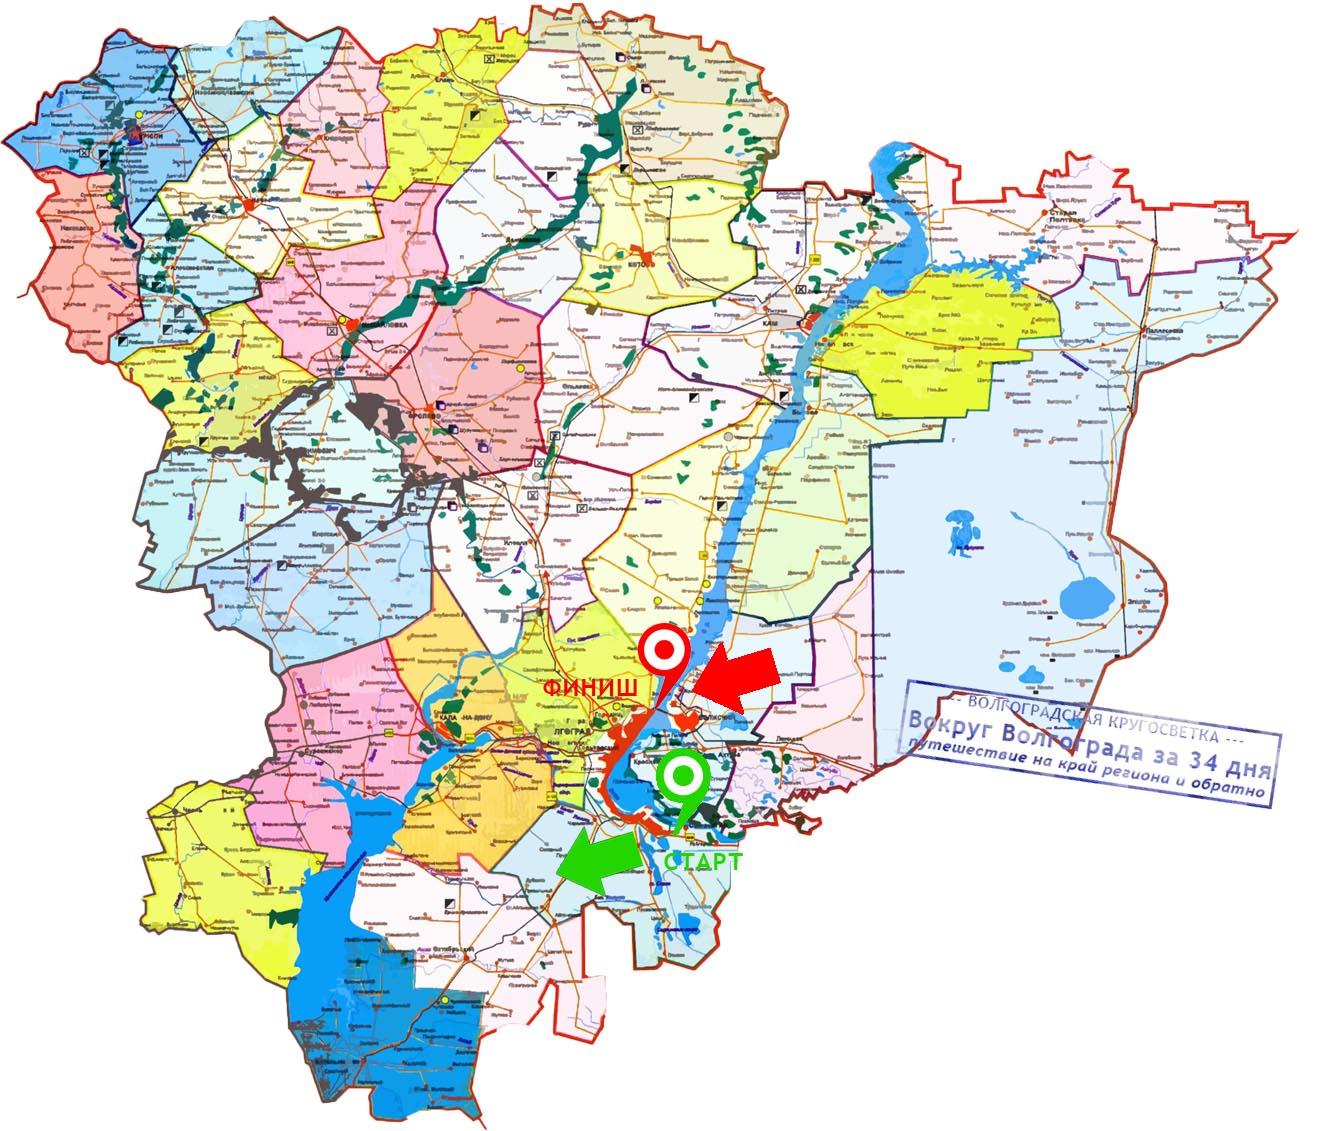 Карта Старт-Финиш